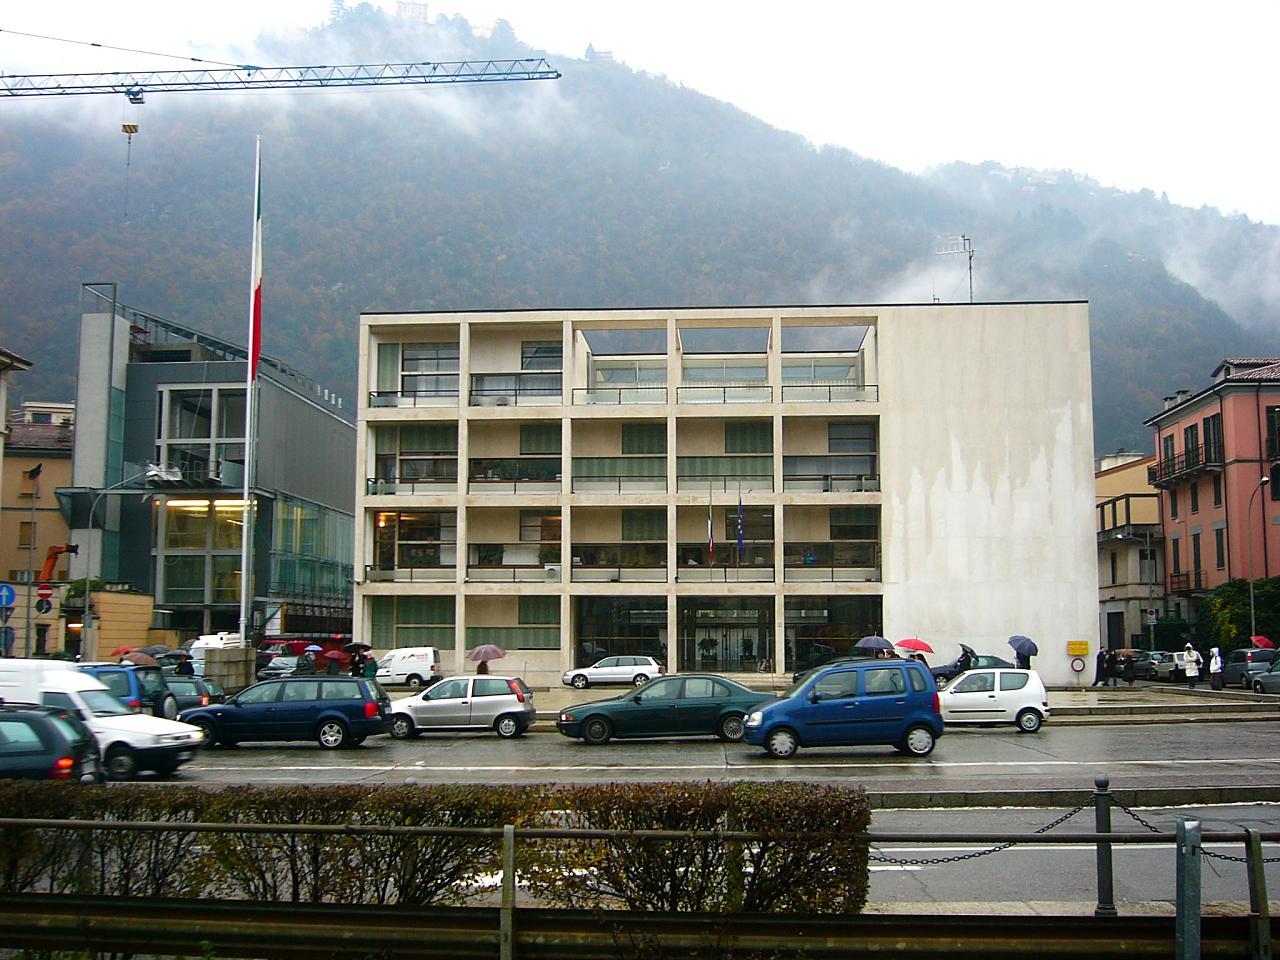 Giuseppe terragni casa del fascio 1932 36 a photo on for Giuseppe terragni casa del fascio